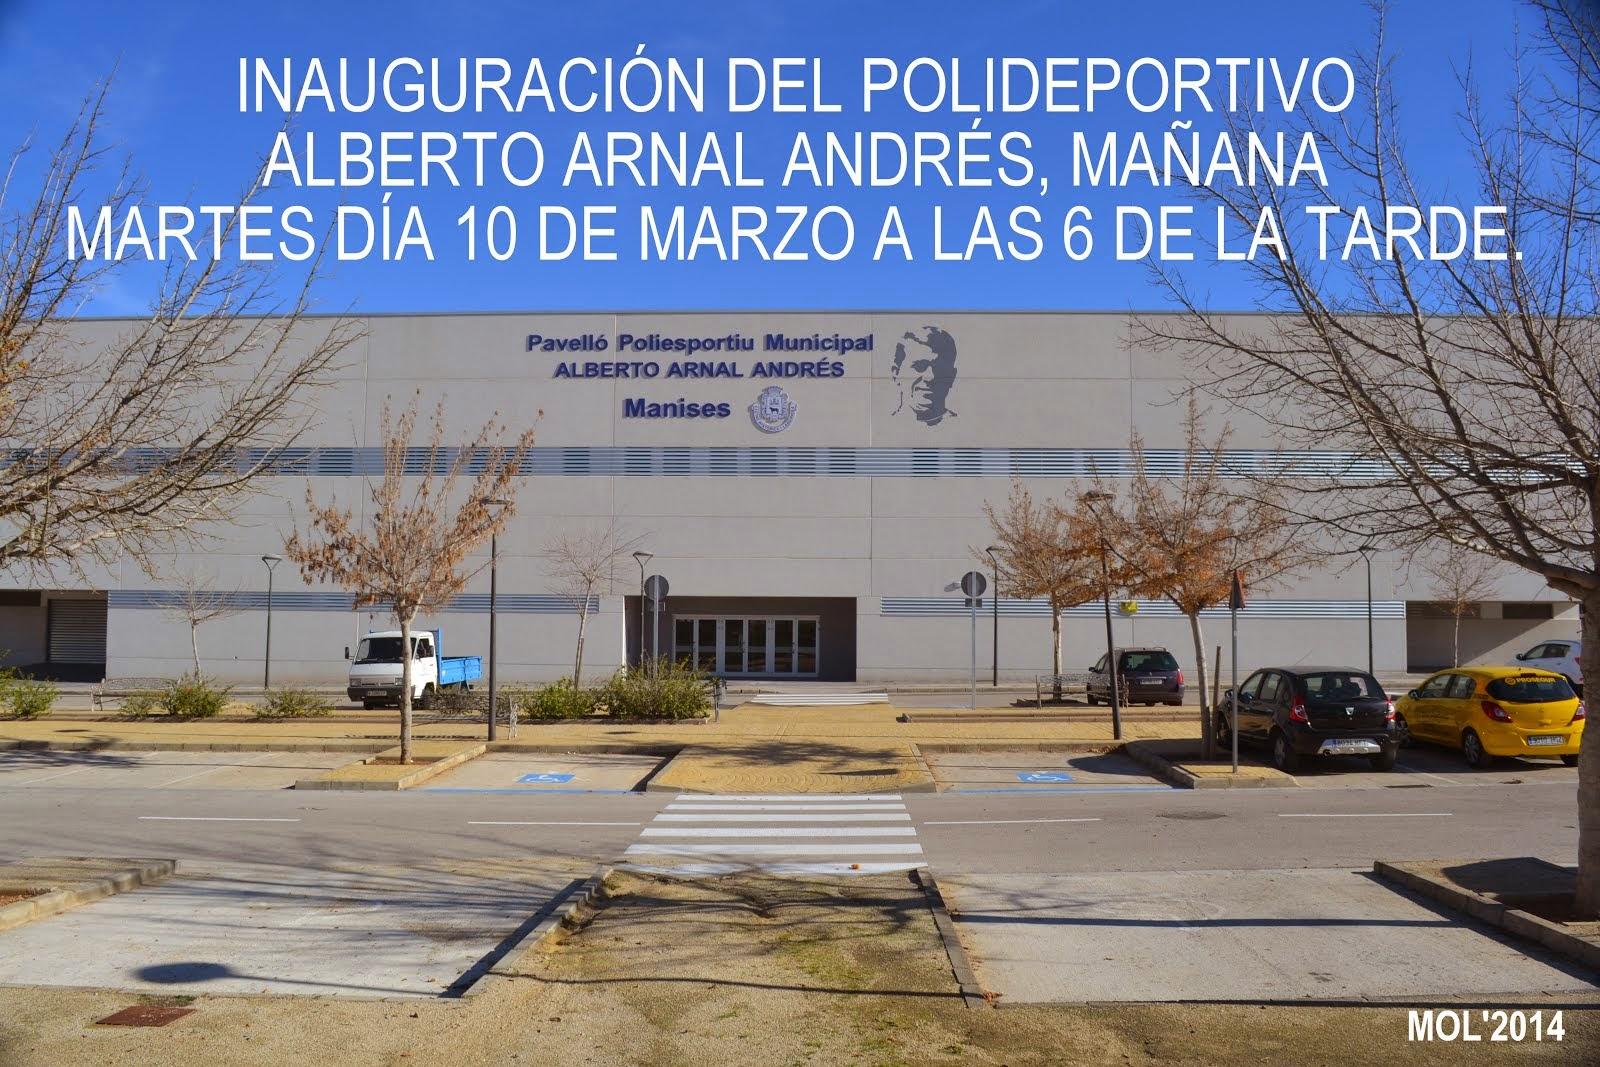 INAUGURACIÓN DEL PABELLÓN POLIDEPORTIVO ALBERTO ARNAL ANDRÉS